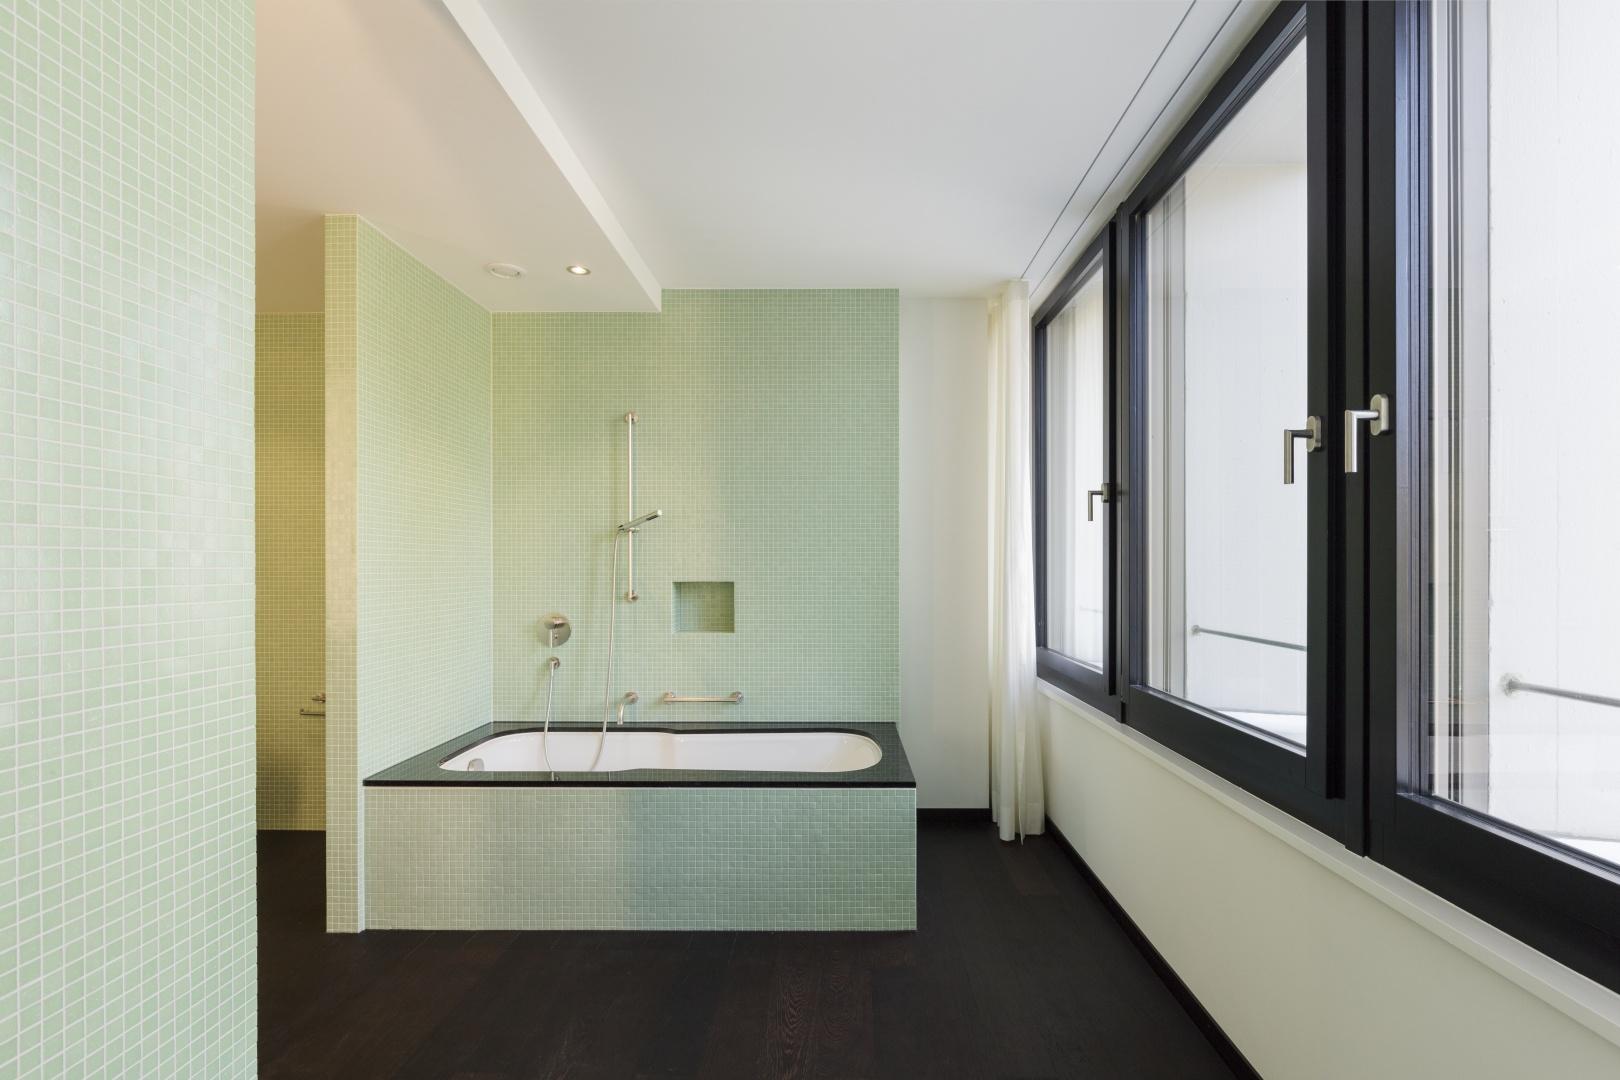 Badezimmer © Beat Bühler Fotografie